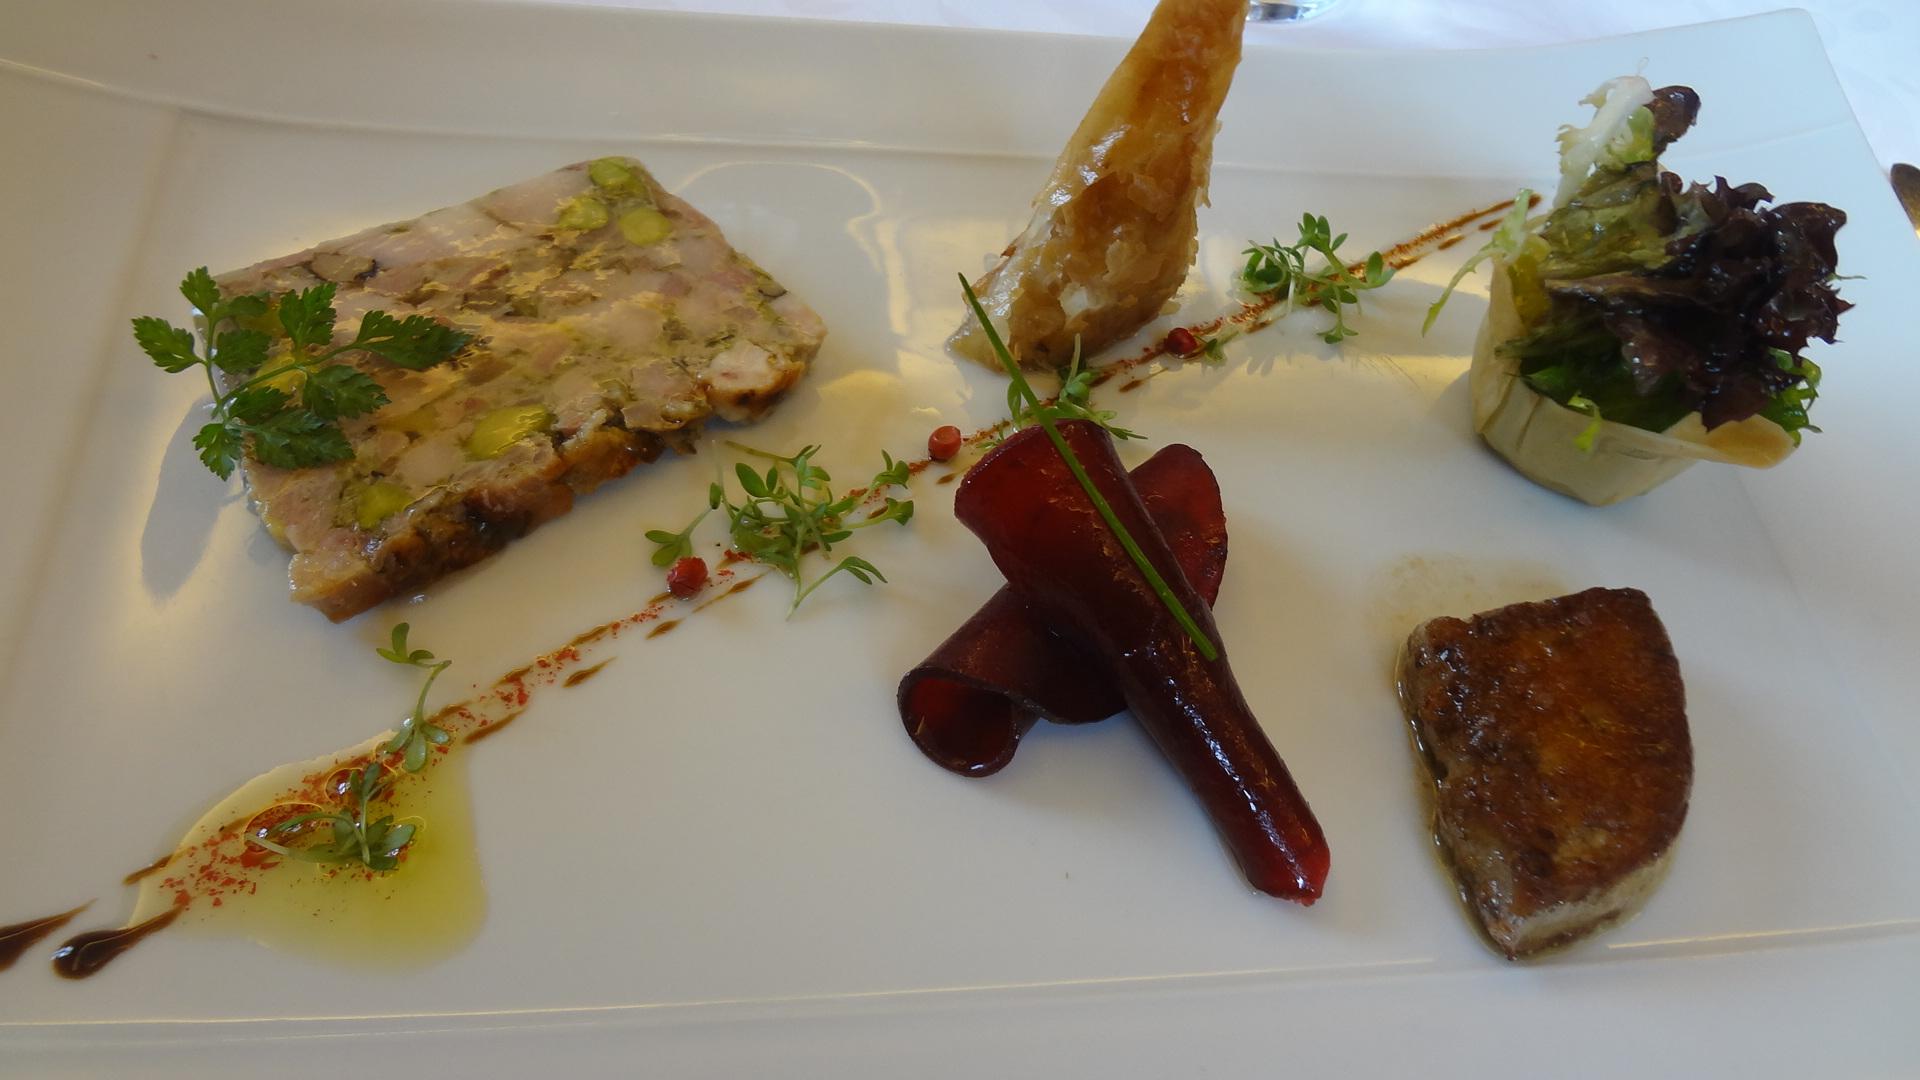 terrine de lapereau au foie gras le blog de gilles. Black Bedroom Furniture Sets. Home Design Ideas